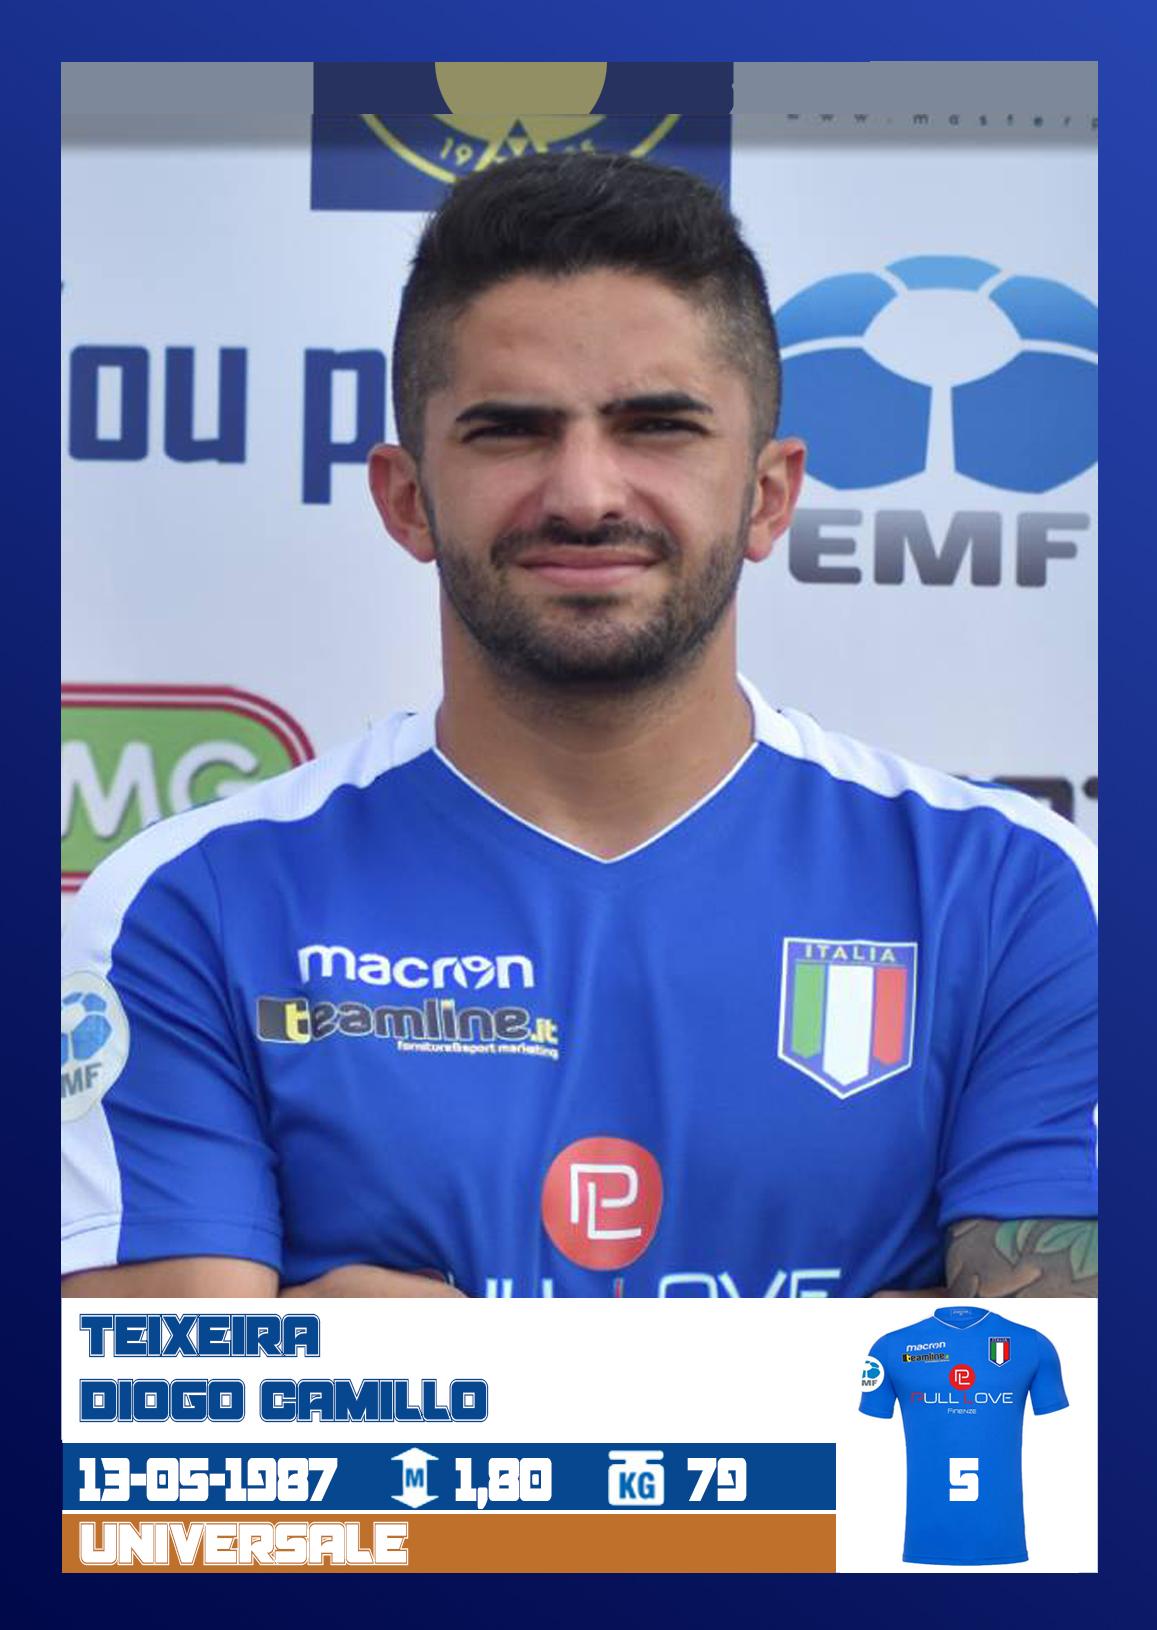 Diogo Teixeira Da Silva